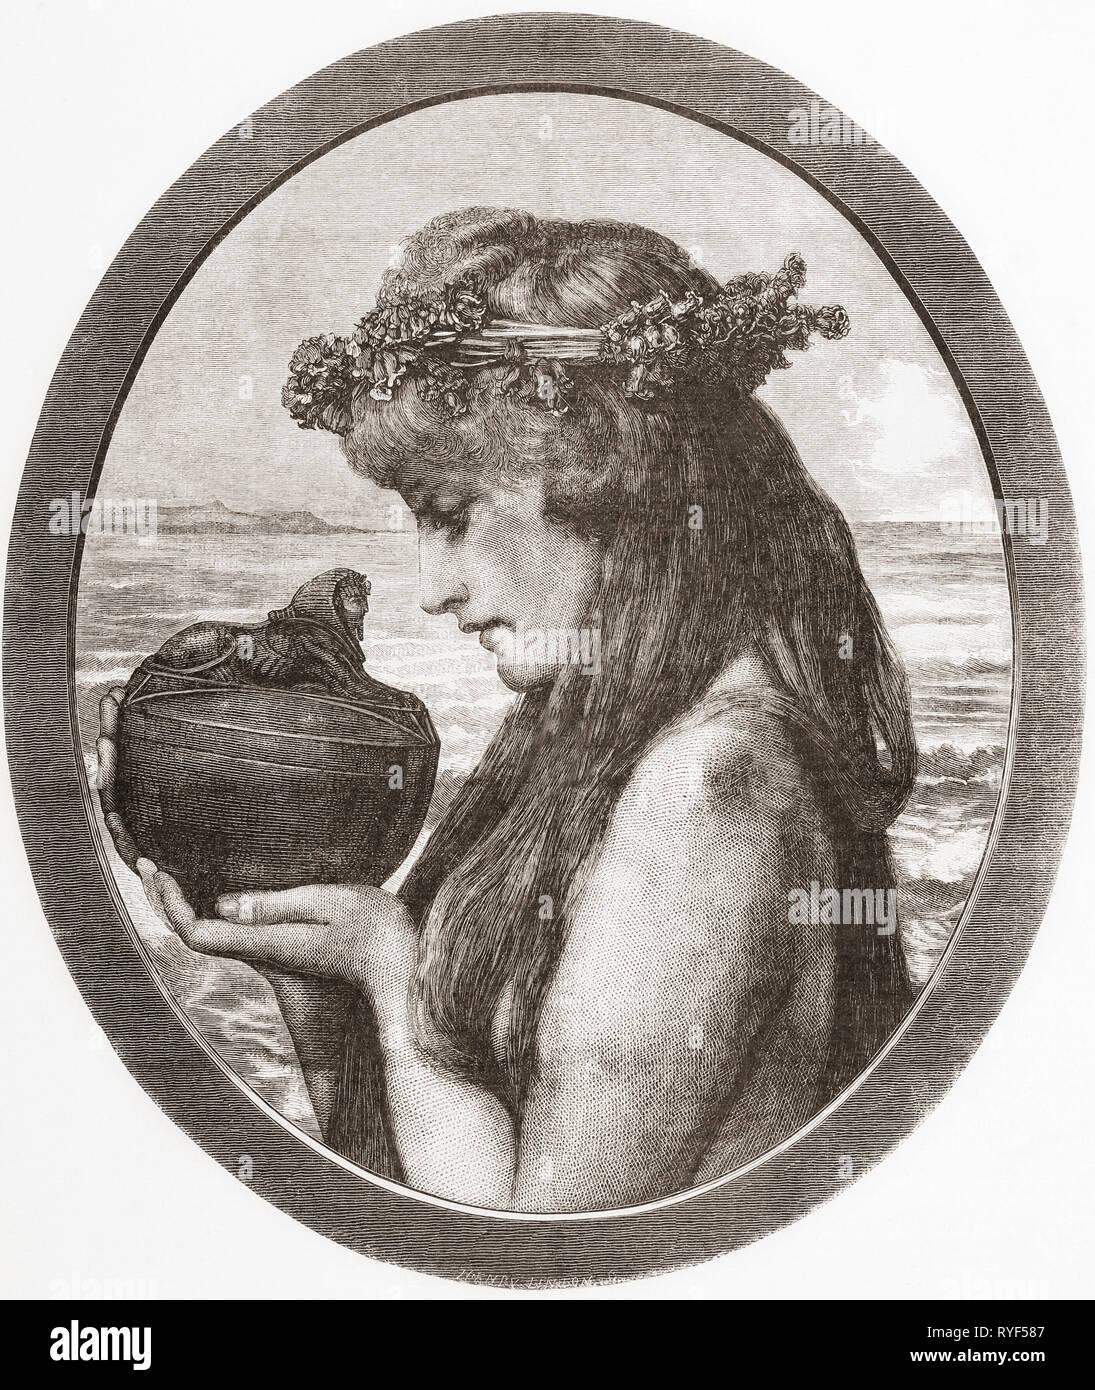 Pandora. Dans la mythologie grecque Pandora a ouvert un pot libérant ainsi tous les maux de l'humanité. À partir de la Ilustracion Artistica, publié 1887. Photo Stock